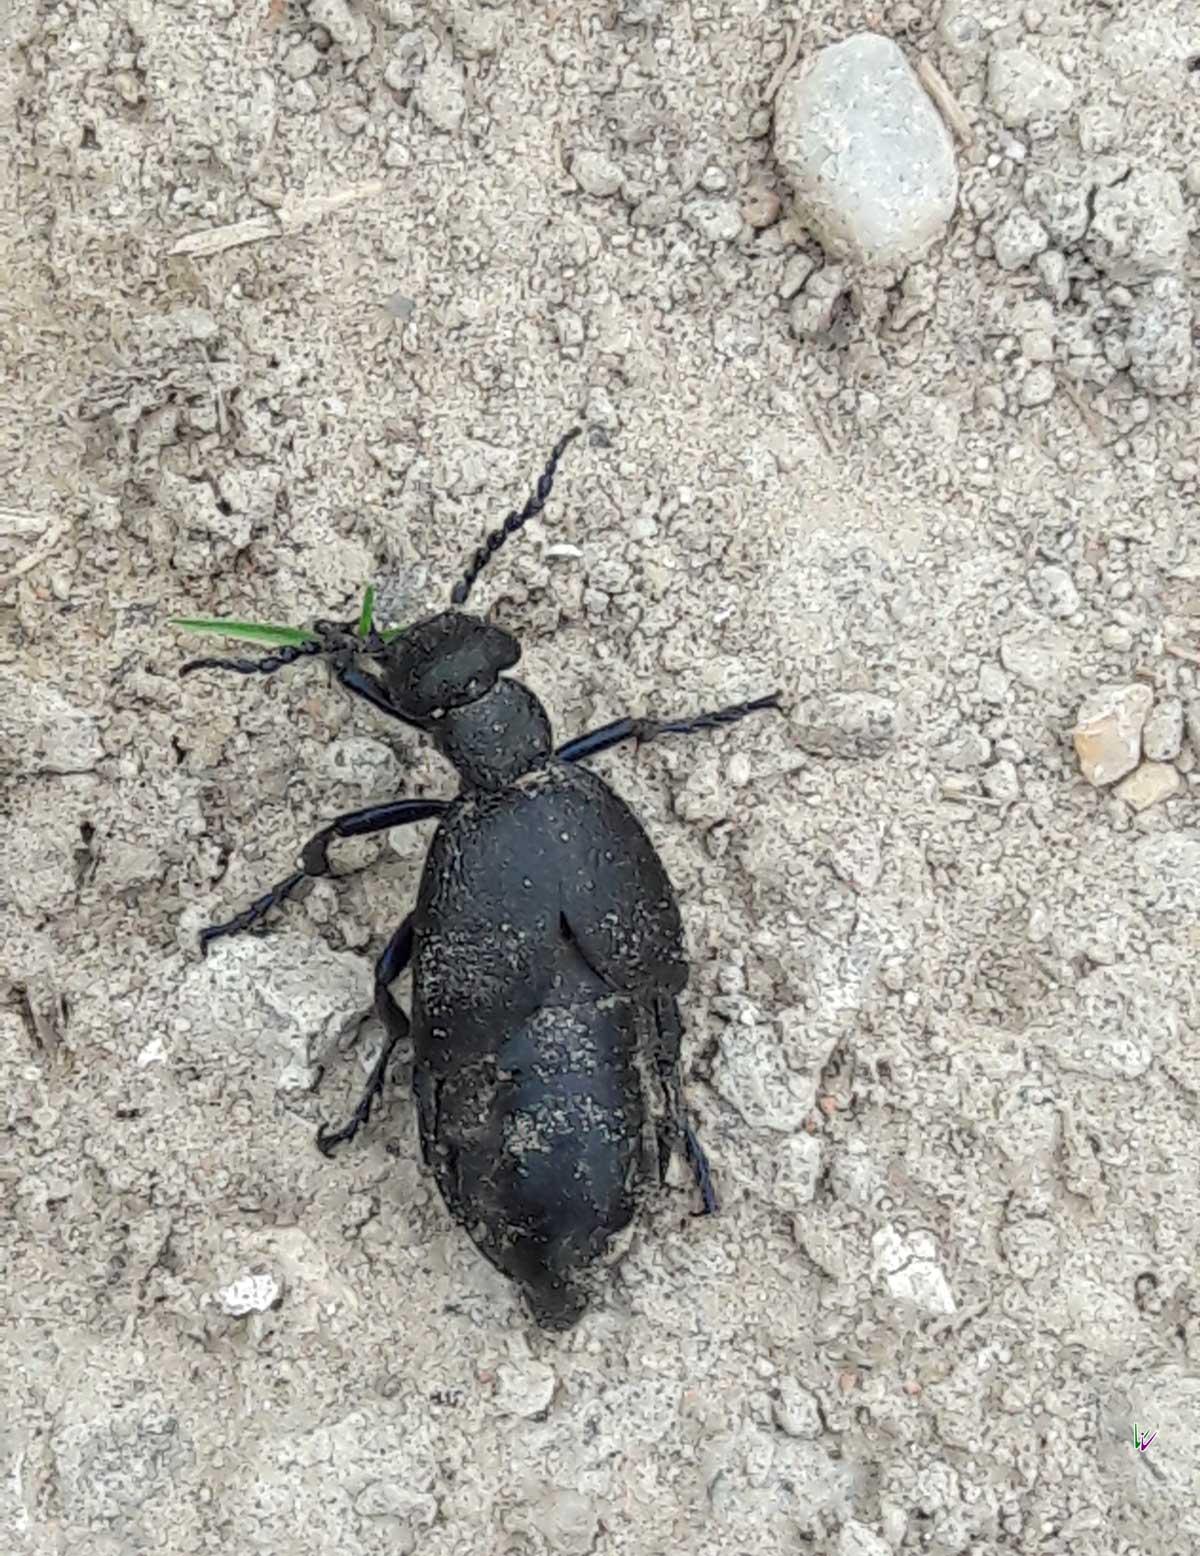 Schwarzblauer Oelkaefer in der Uckermark